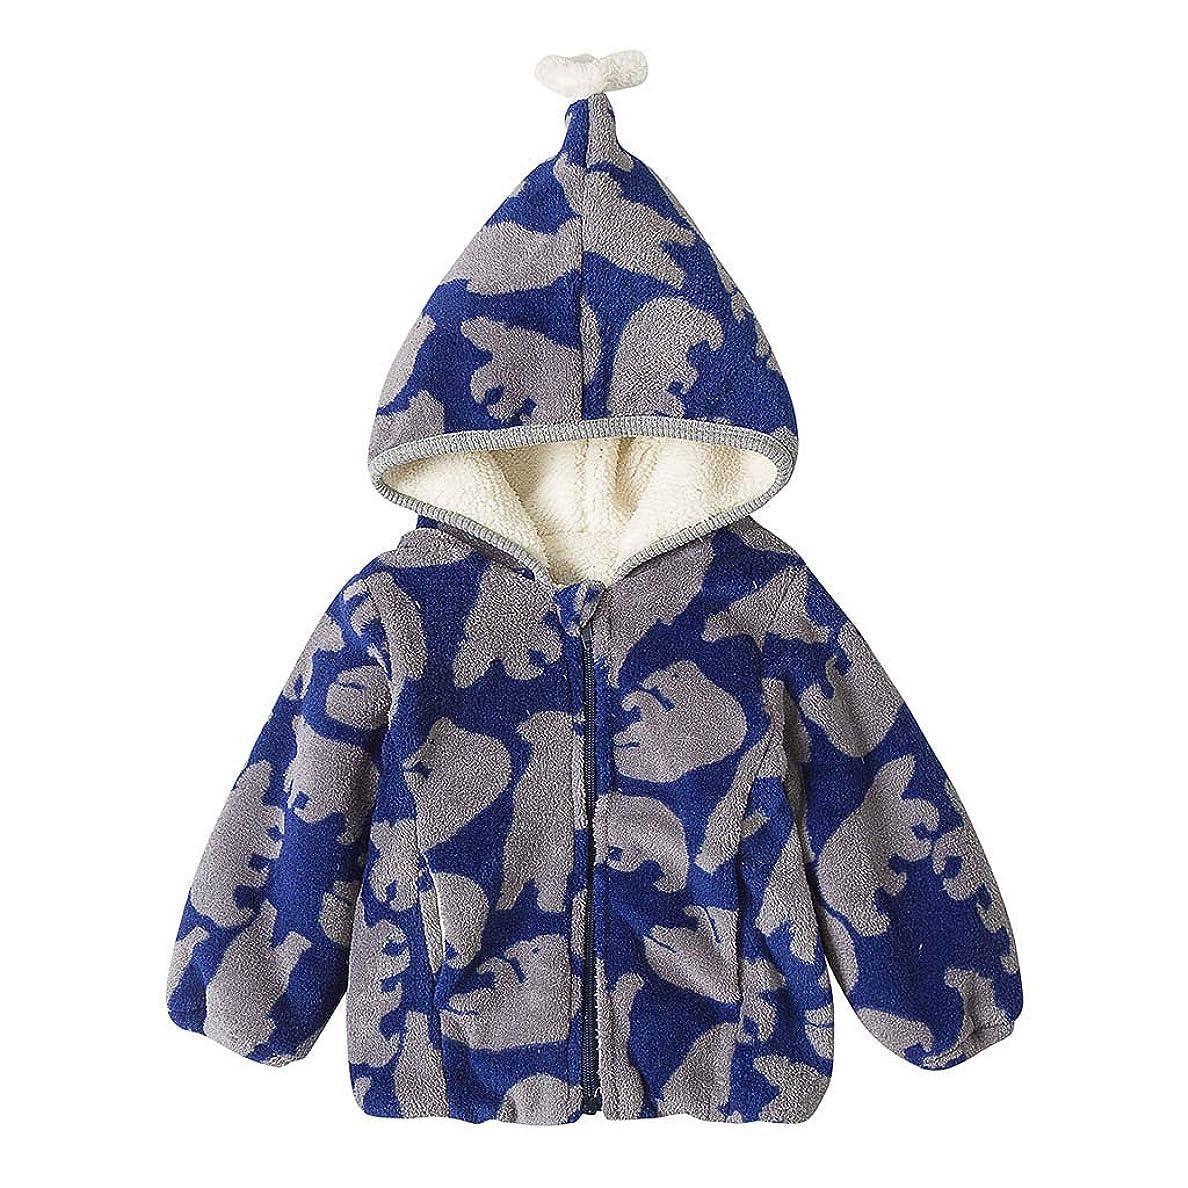 気分が悪いつばショッピングセンターかわいい柄あたたかい男の子女の子赤ちゃん冬コートジャケット子供ジップ厚いスノースーツパーカーオーバーコート屋外かわいいルースソフト快適なブラウストップス